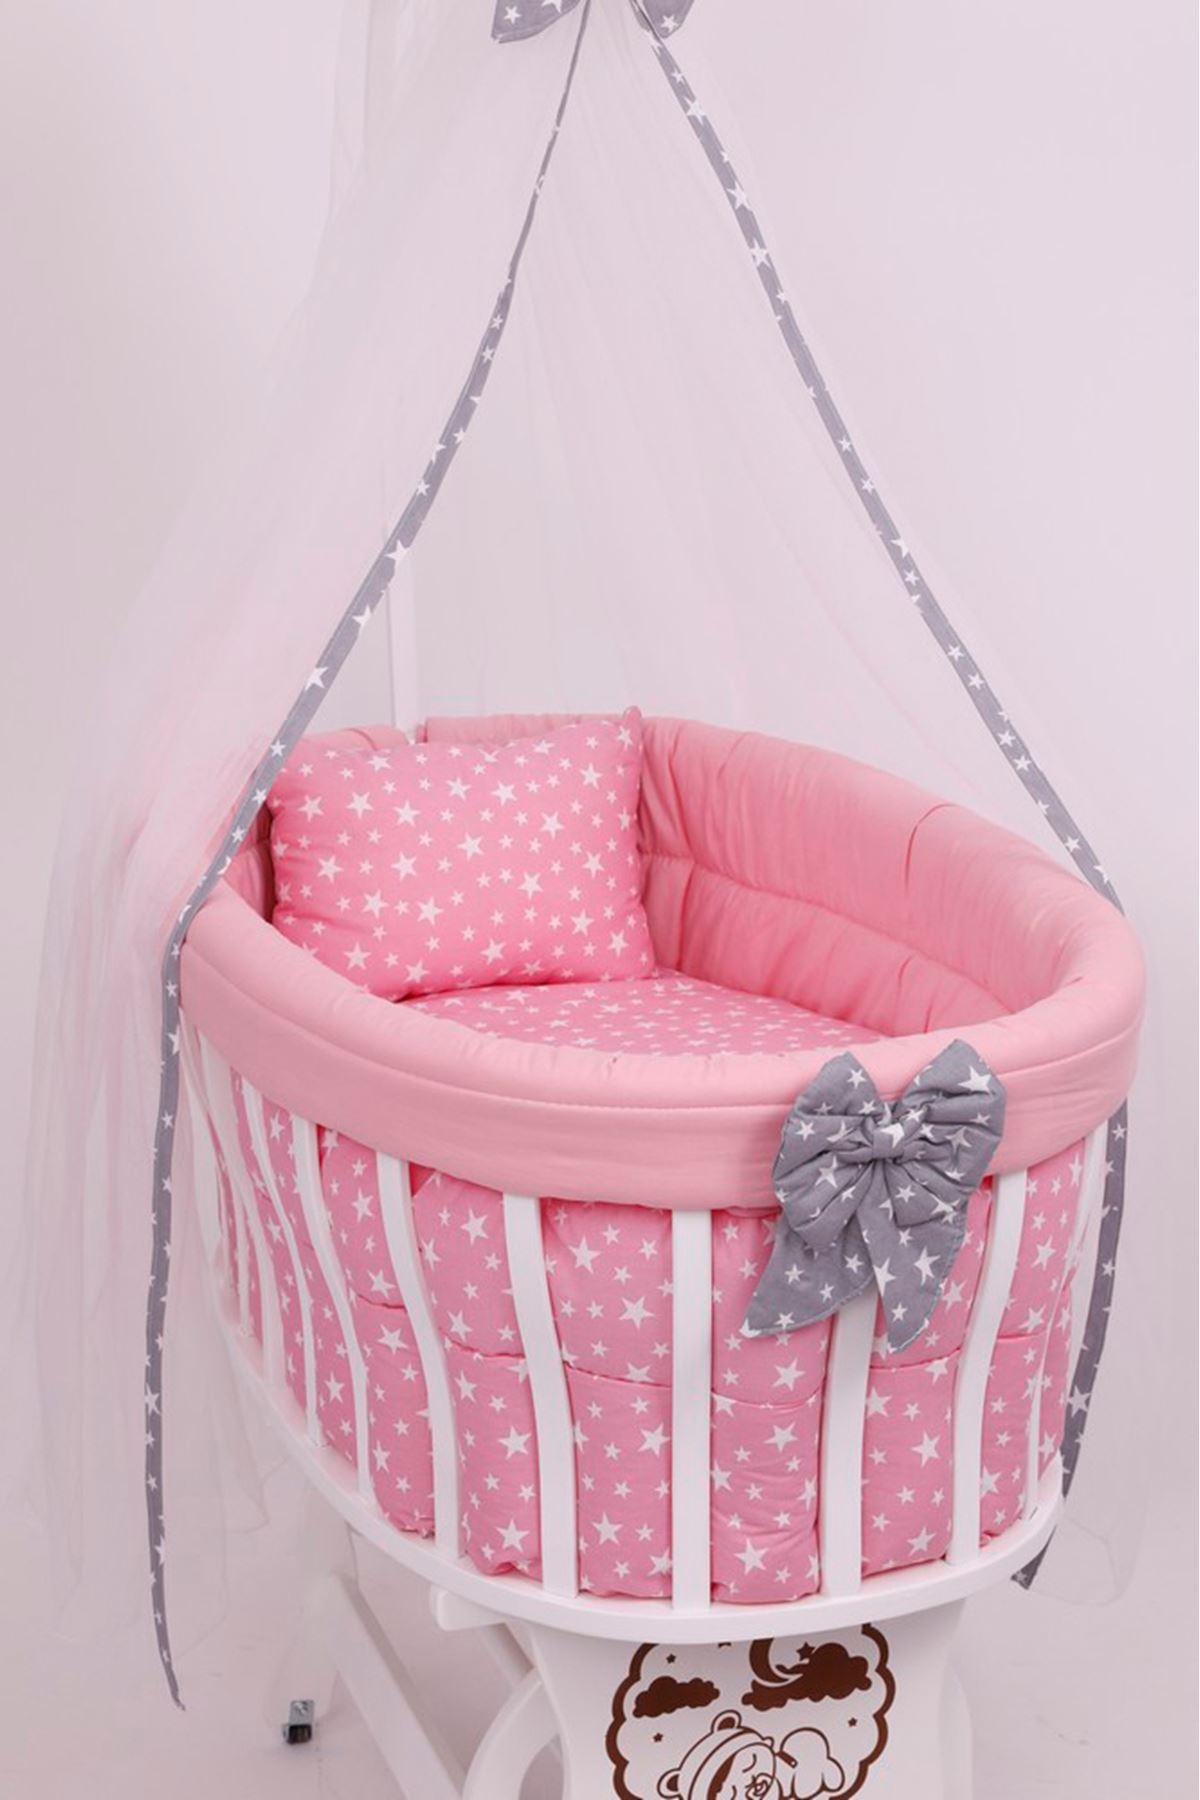 Sepet Beşik İçin Pembe Gri Yildizli Kıvırmalı Bebek Uyku Seti